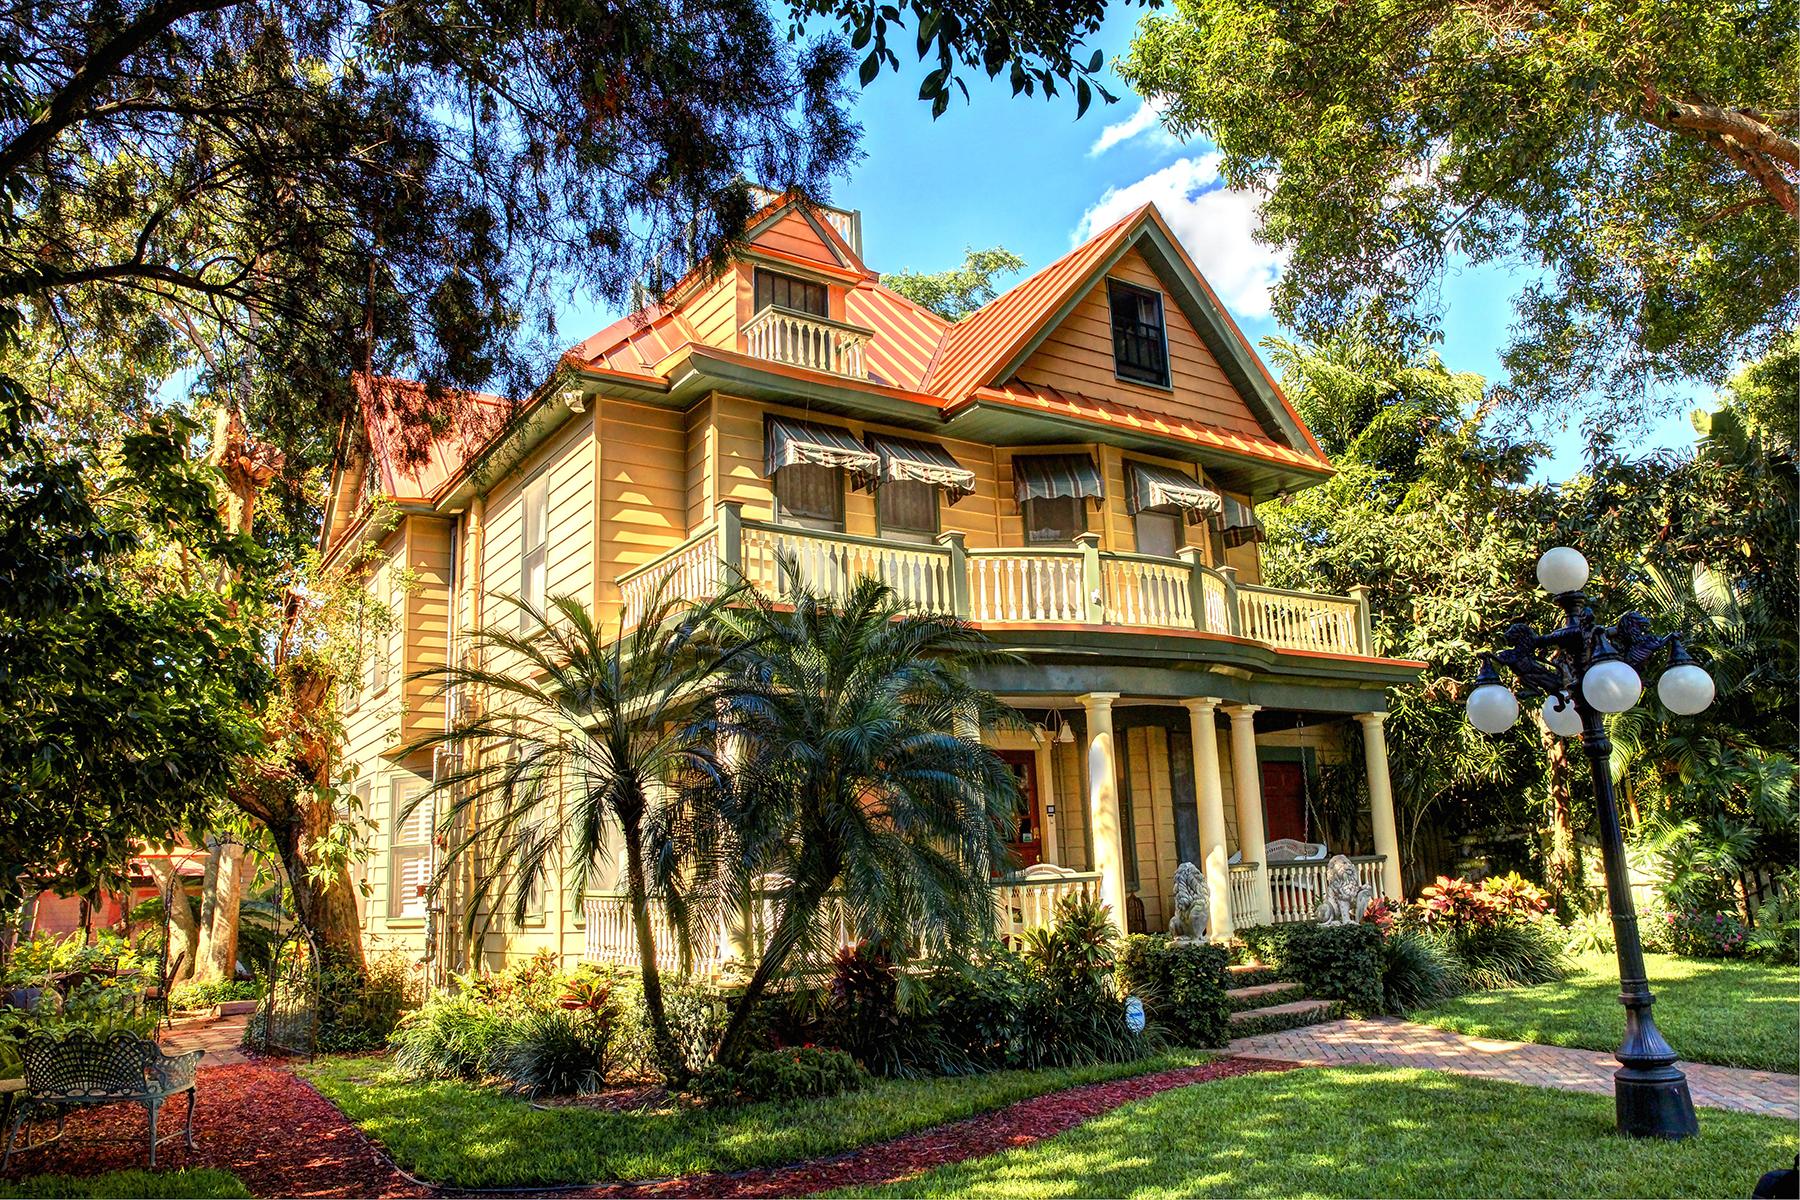 獨棟家庭住宅 為 出售 在 OLD NORTHEAST 237 6th Ave NE St. Petersburg, 佛羅里達州, 33701 美國